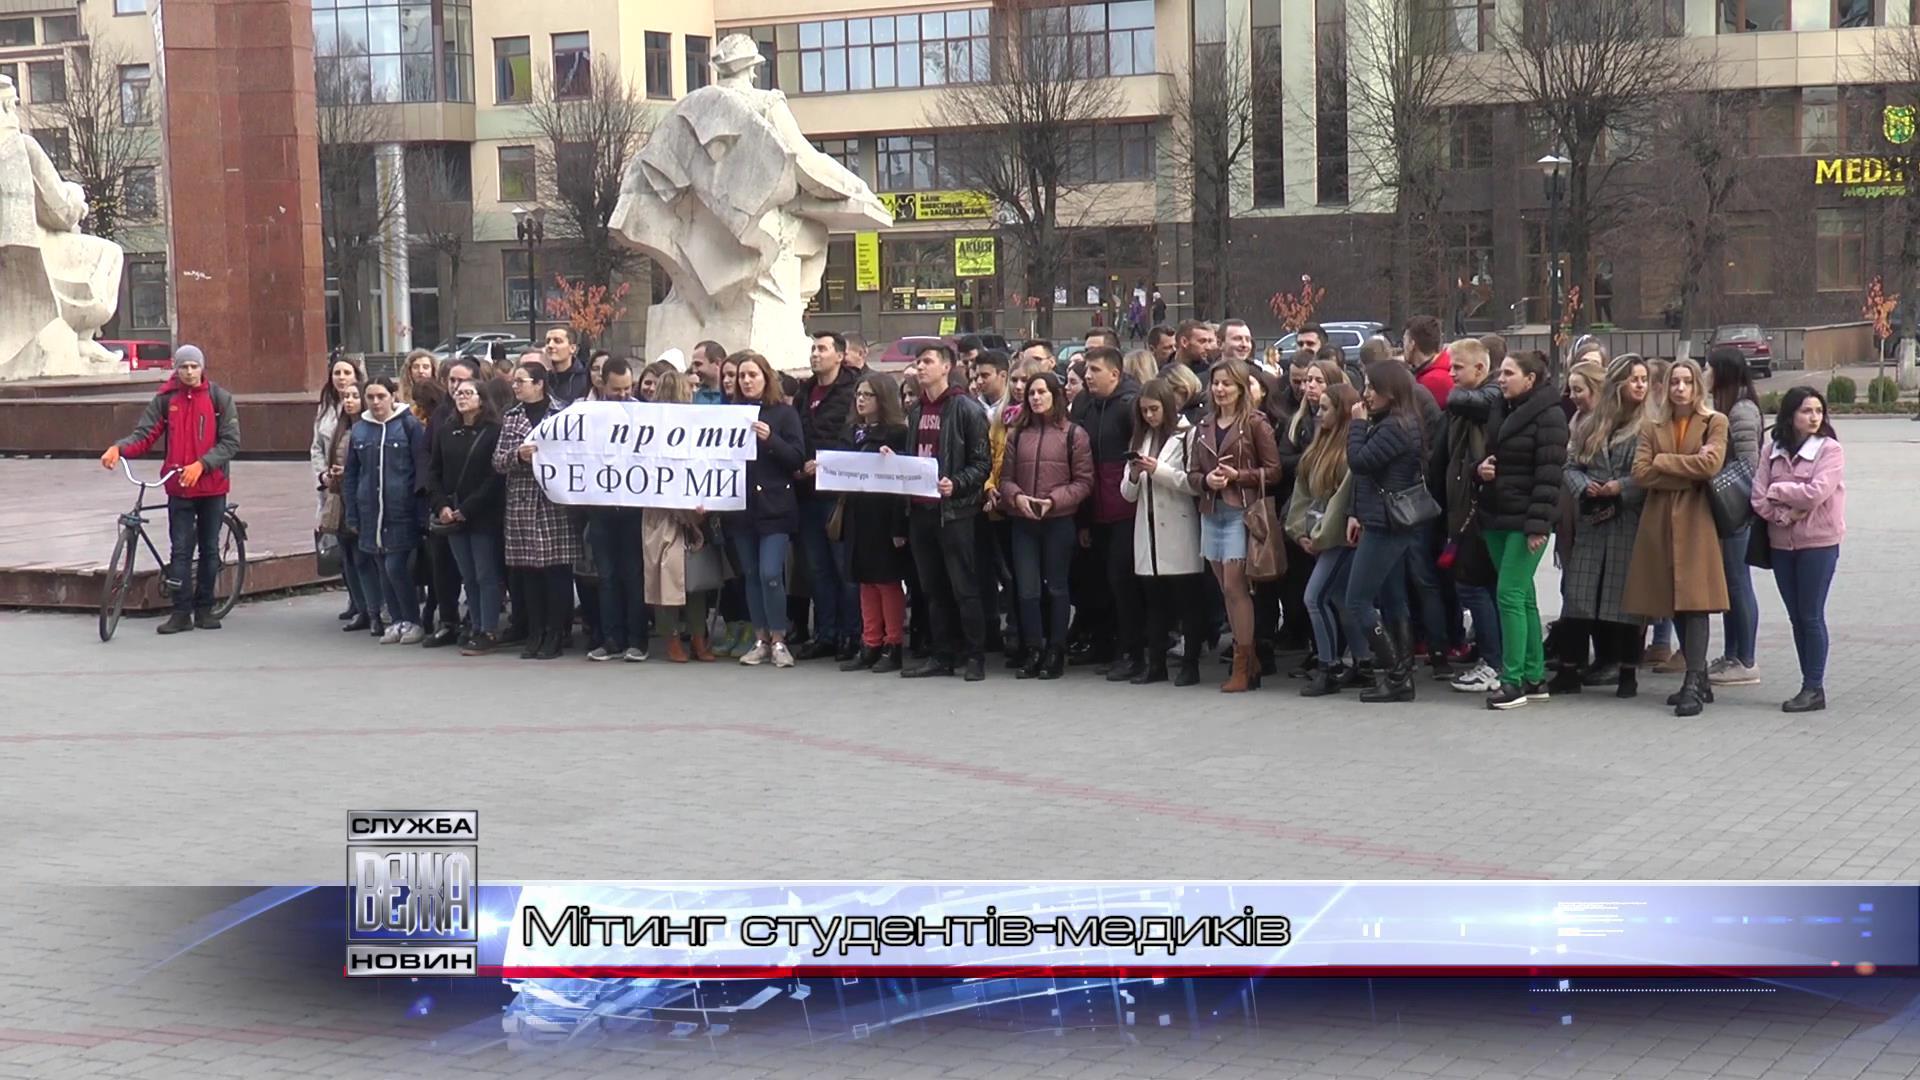 Івано-франківські студенти-медики підтримали всеукраїнський протест проти реформи МОЗ[02-14-04]